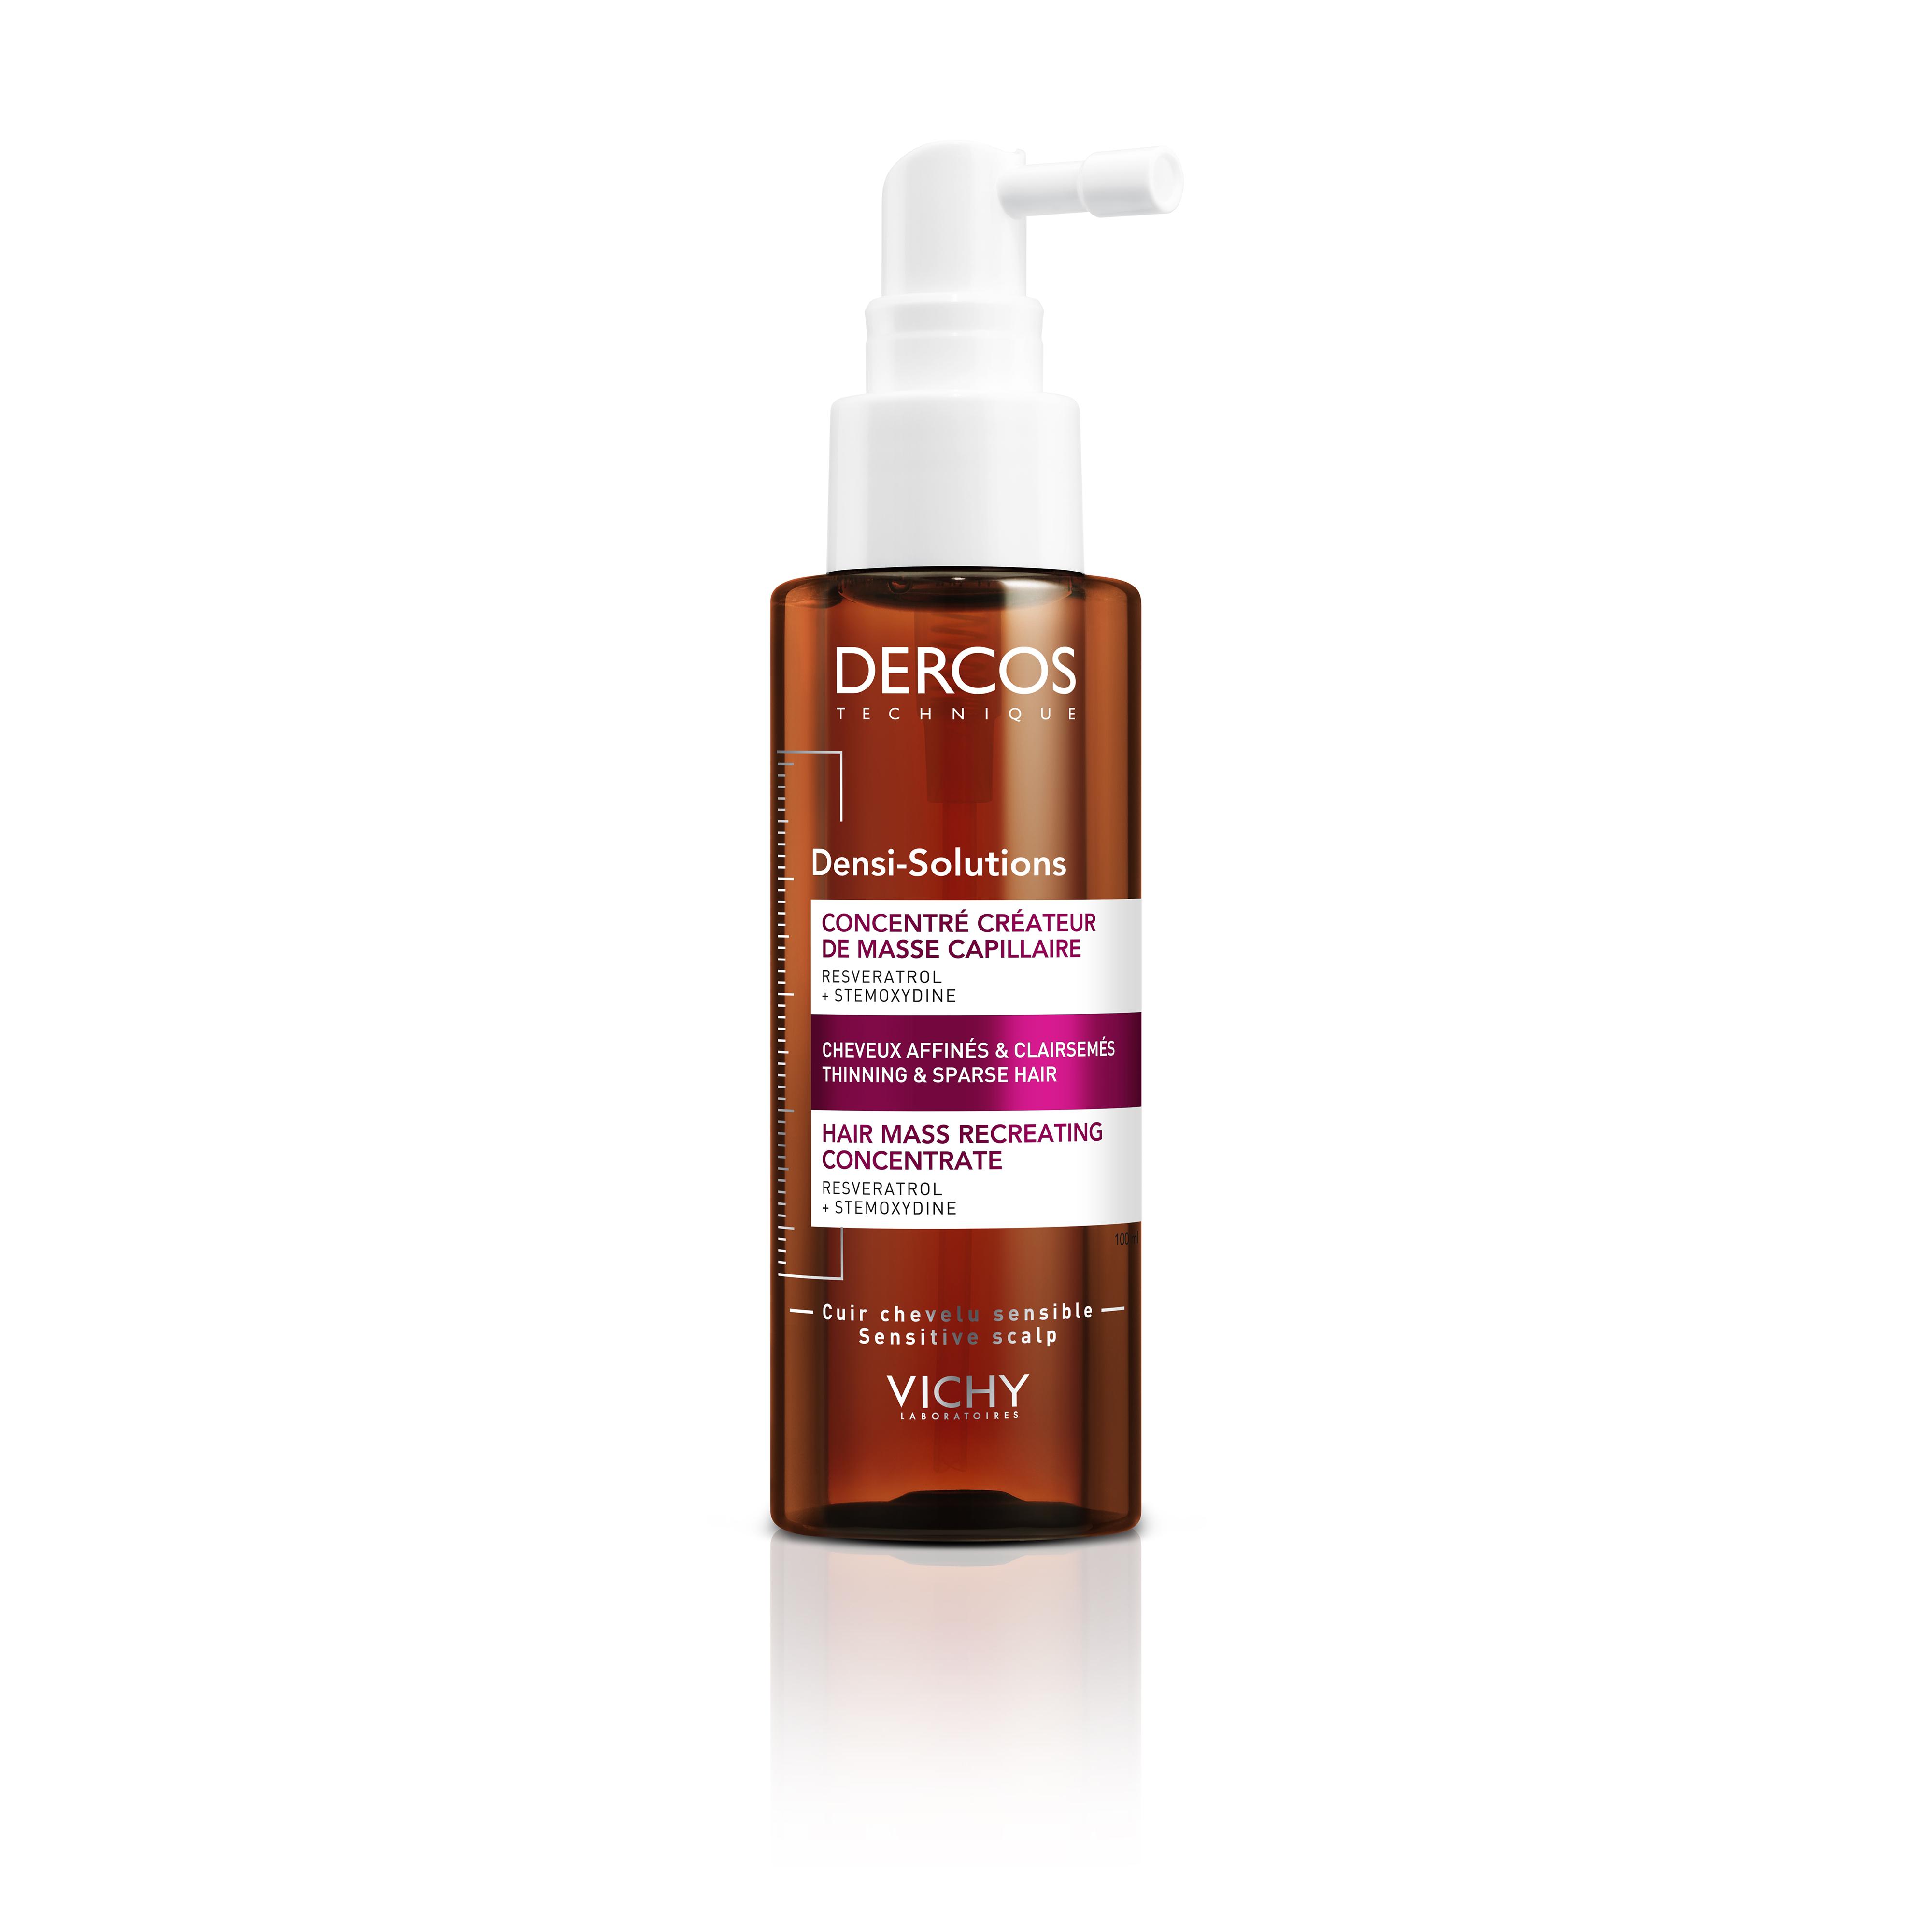 DERCOS Densi-Solutions - Faites pousser vos cheveux plus vite